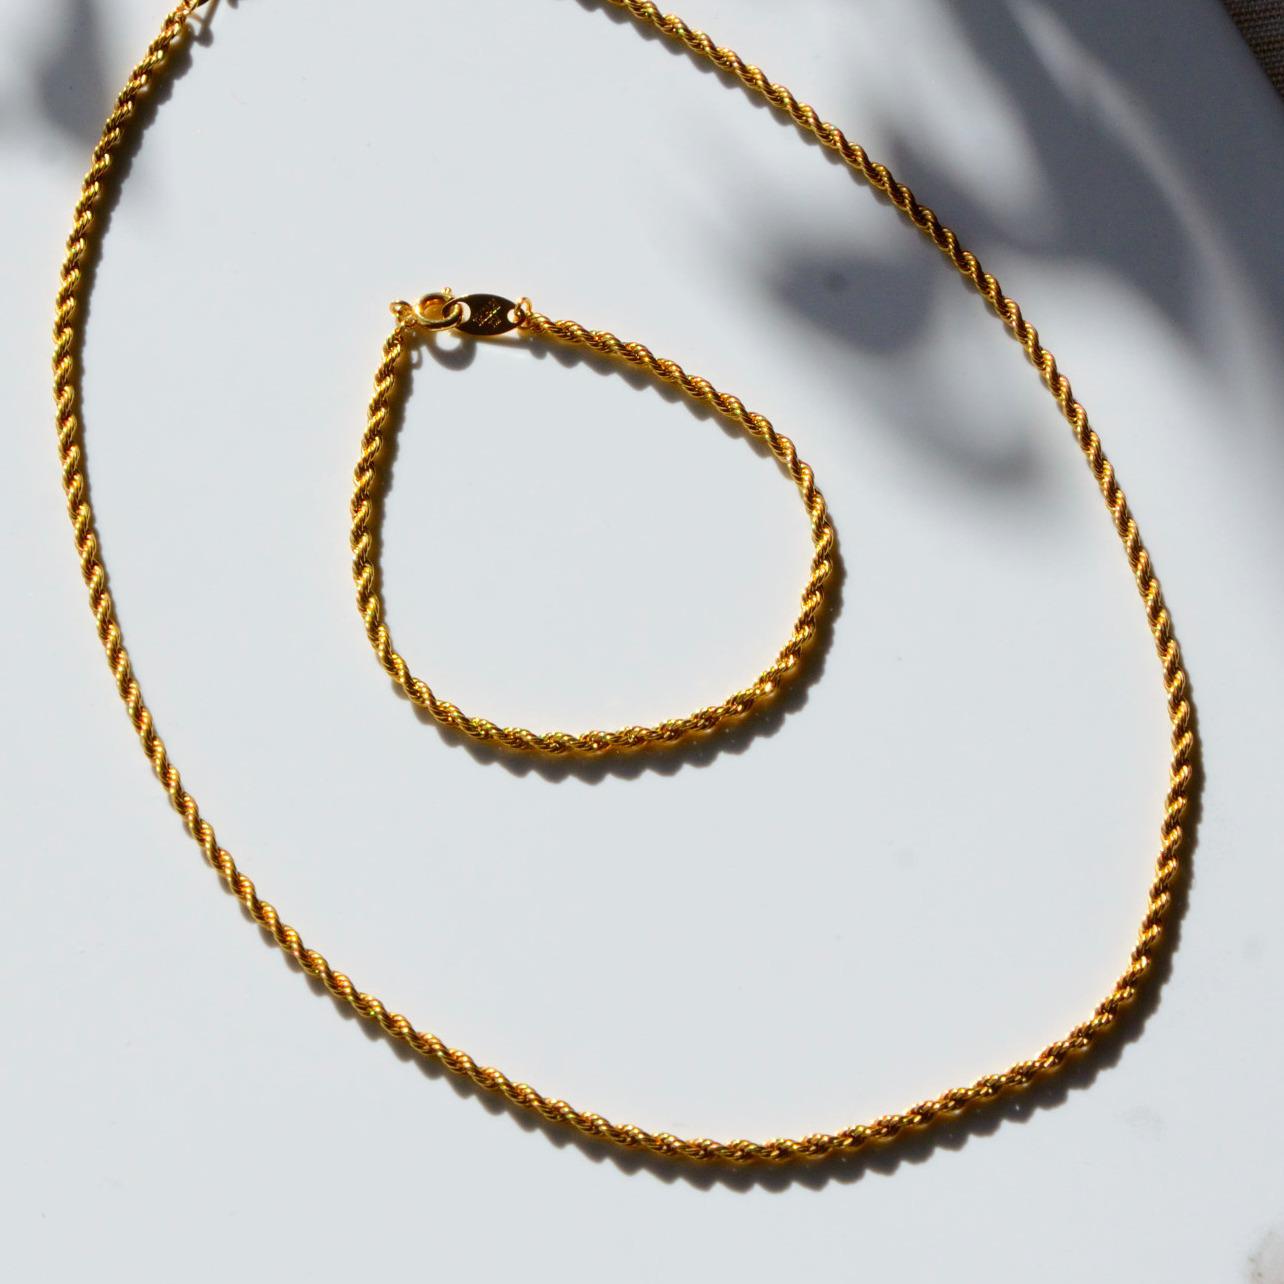 《TRIFARI / トリファリ》ゴールドチェーンネックレスとブレスレット